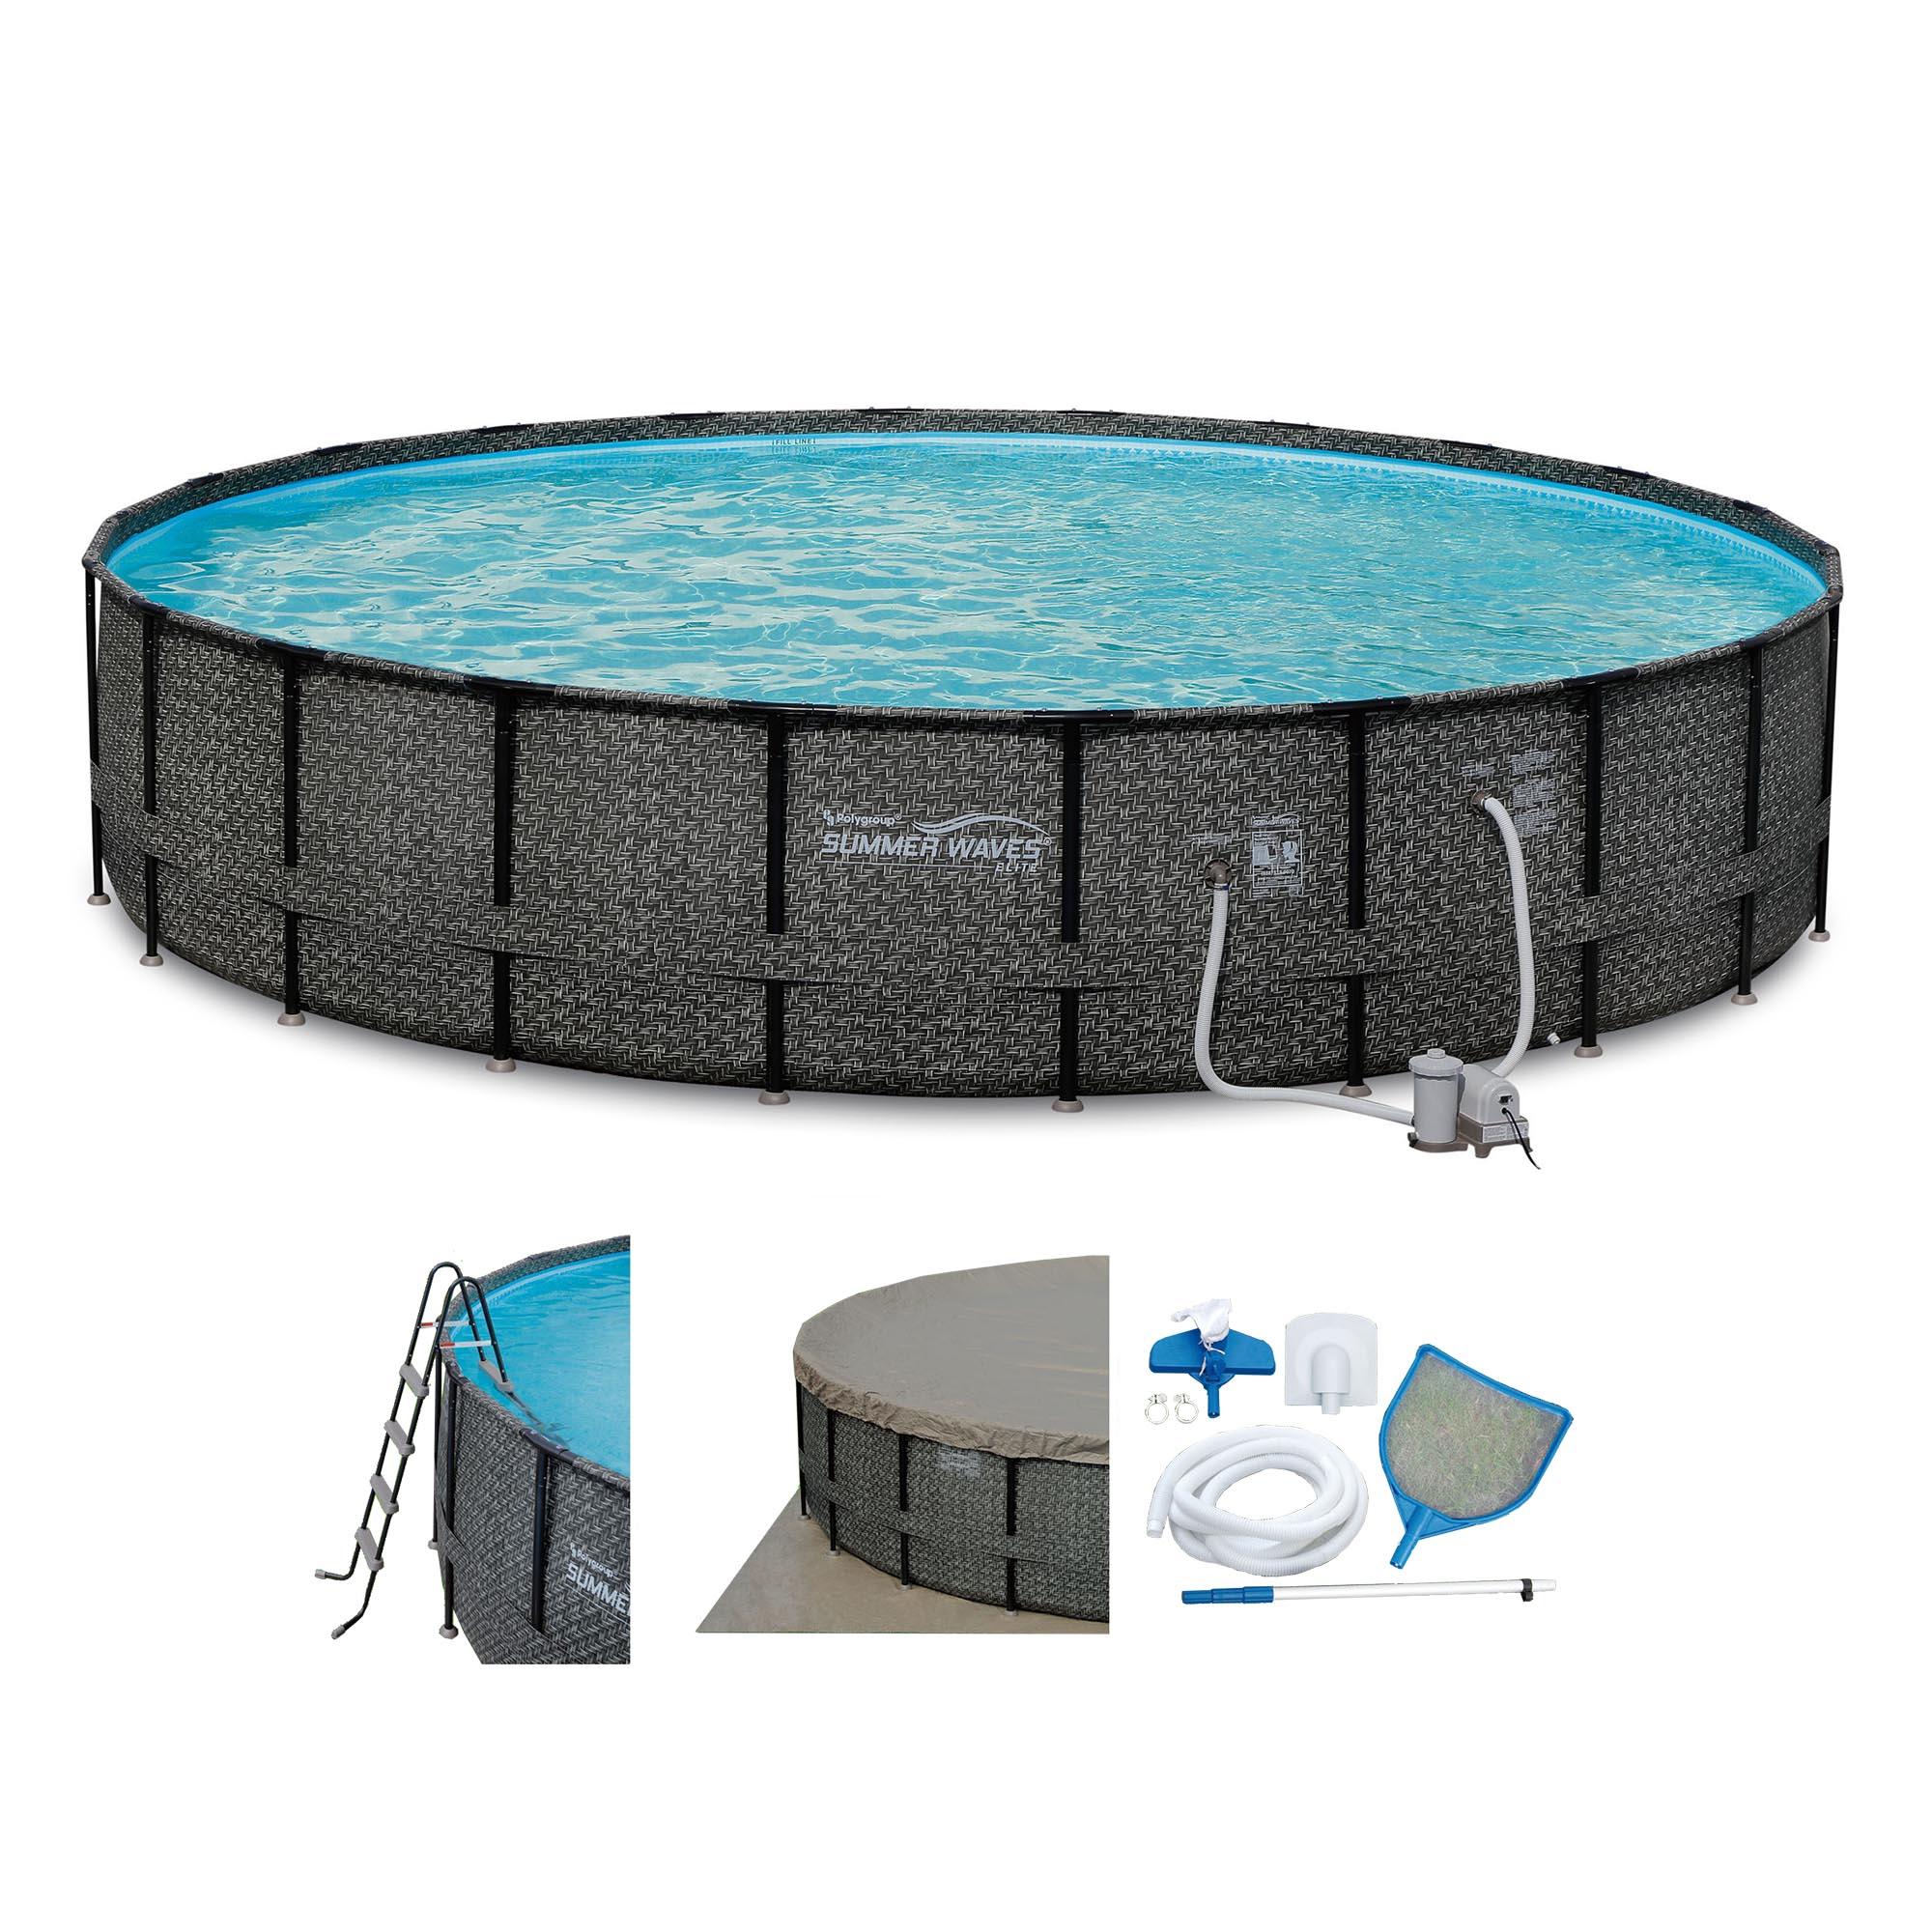 Summer waves elite wicker 24 39 x 52 above ground frame for Summer waves above ground pool review